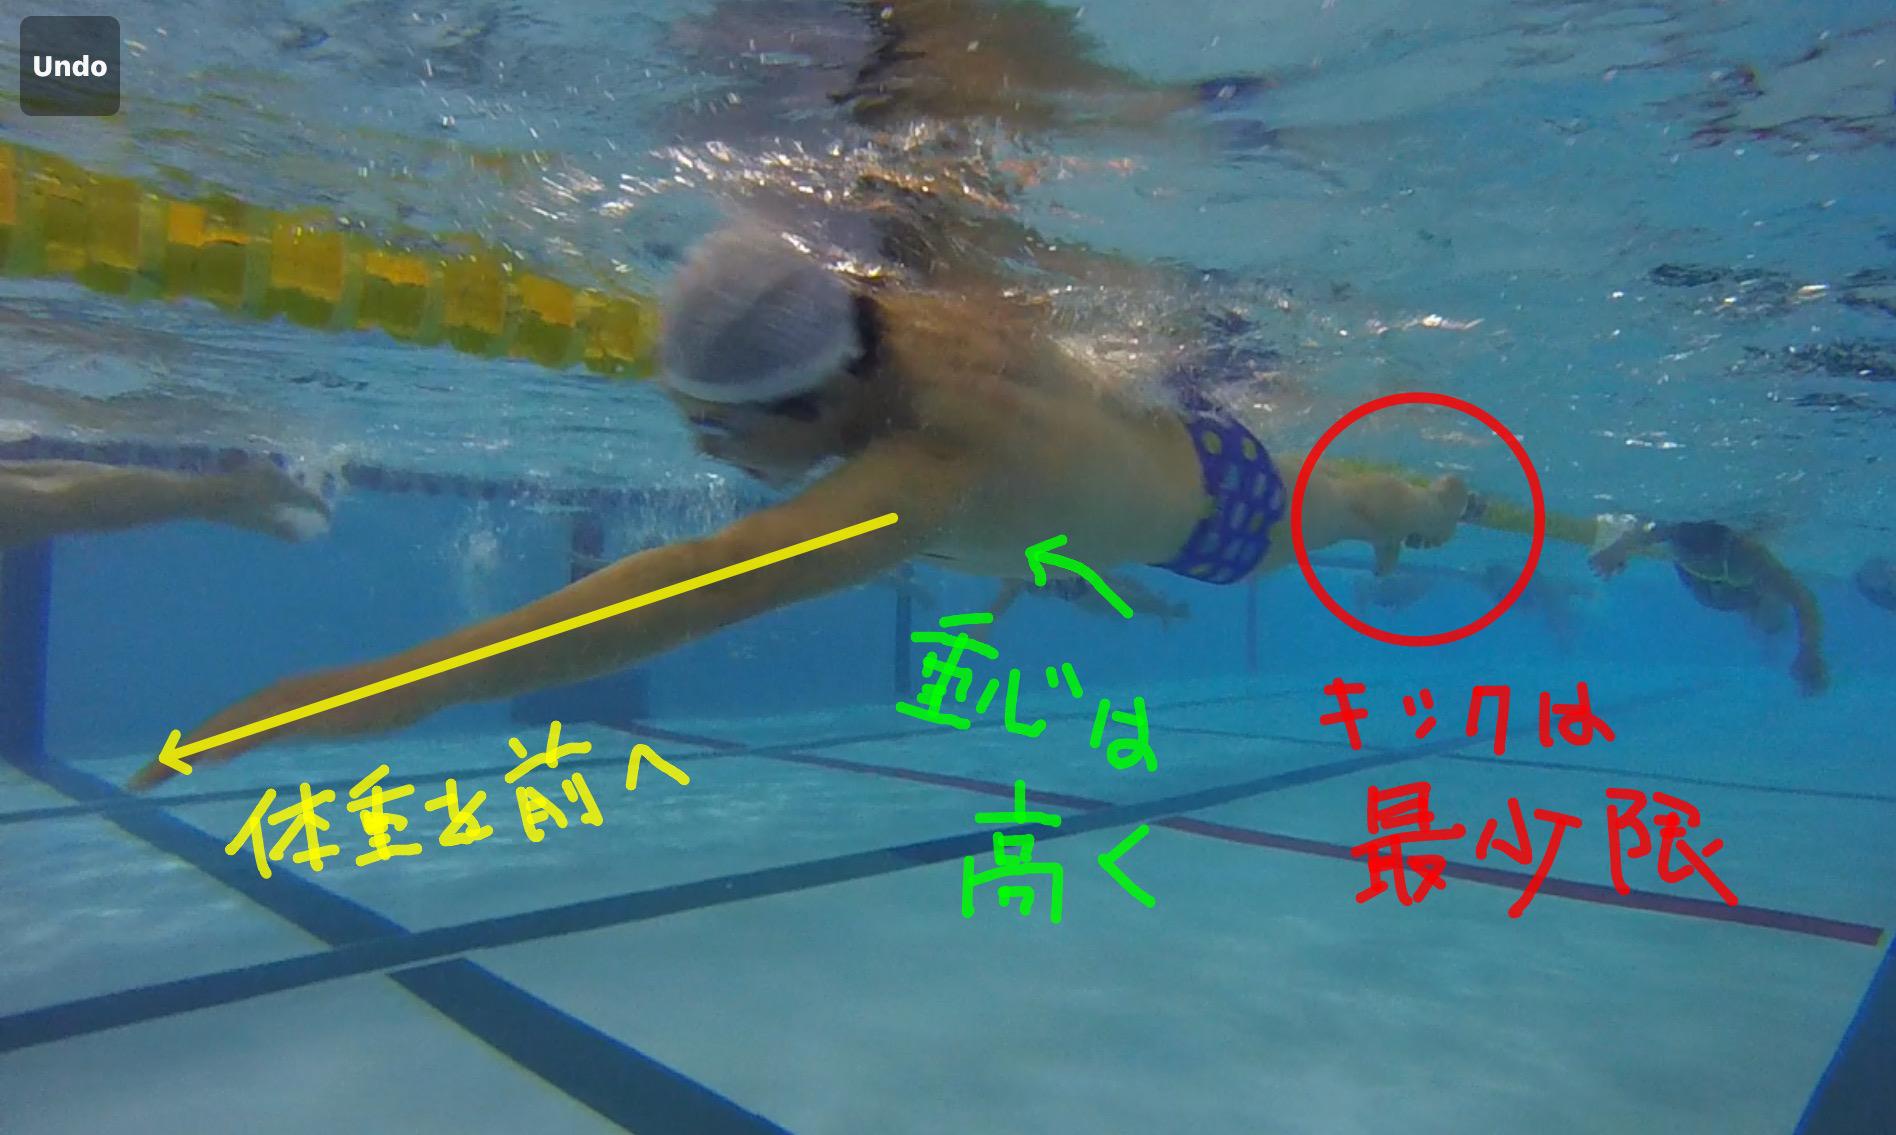 海で楽しく泳ぐためにトレーニングしよう! | オーシャンナビ公式 ...